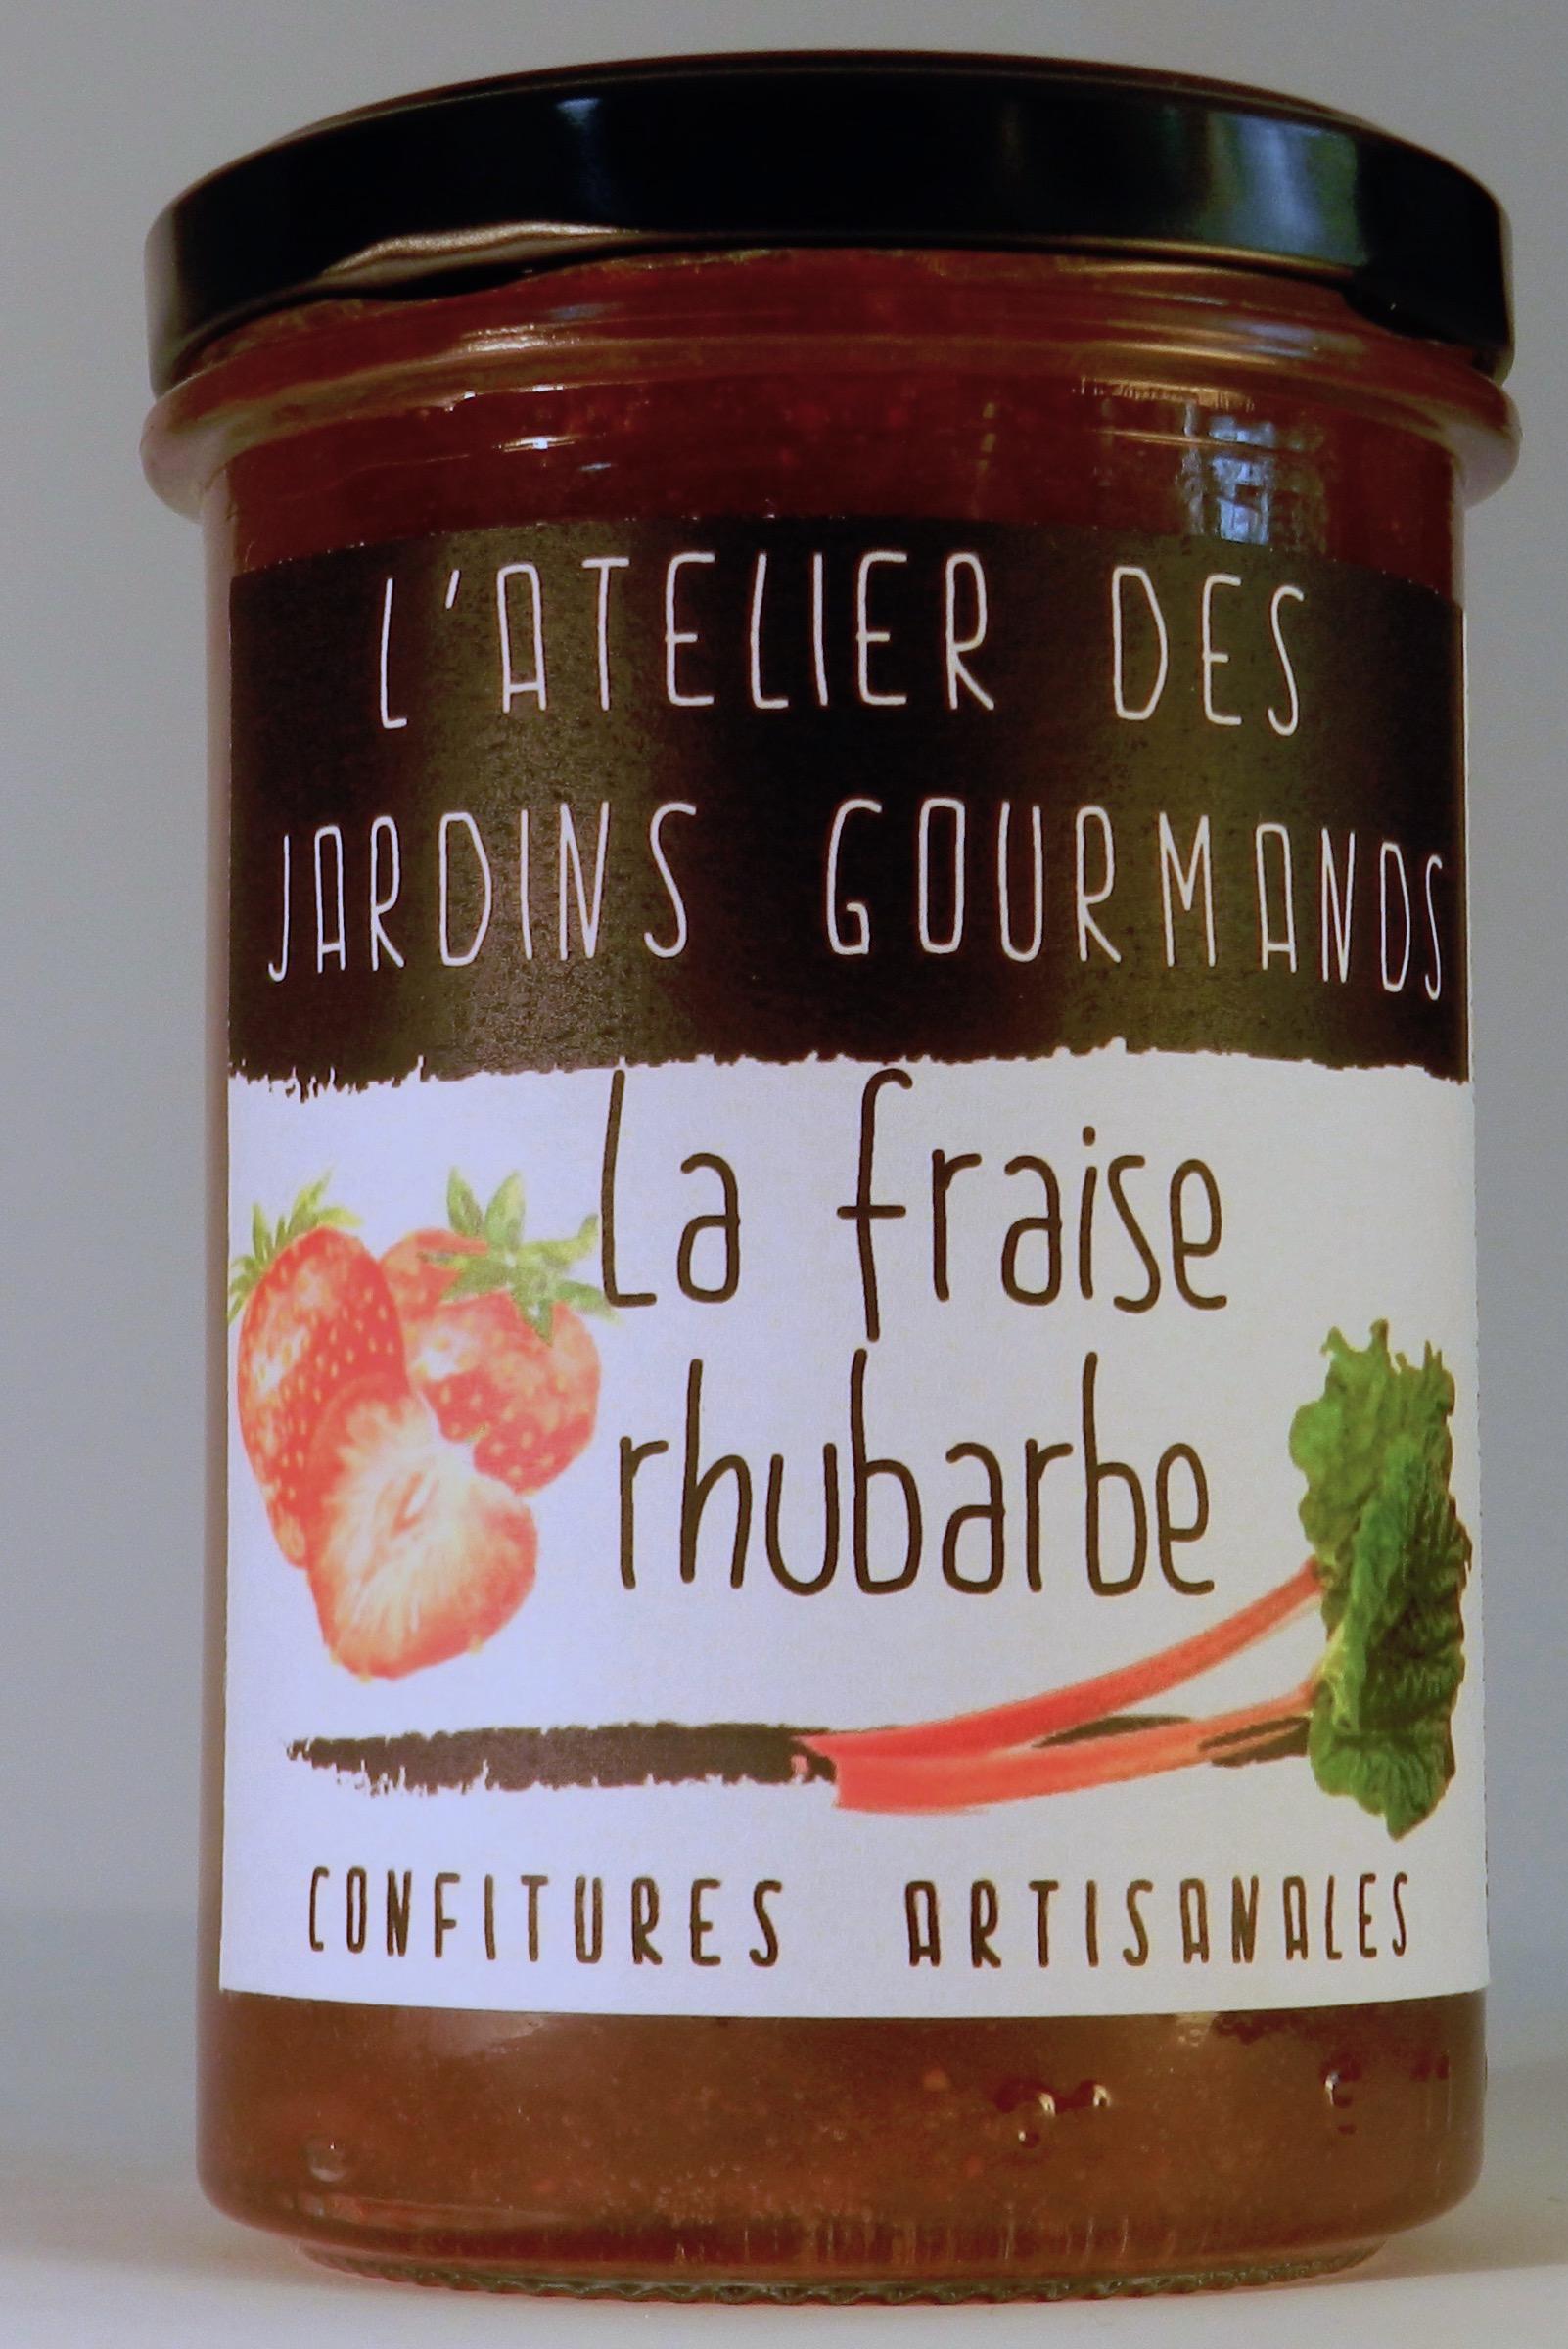 rhubarbe fraise l'Atelier des Jardins Gourmands